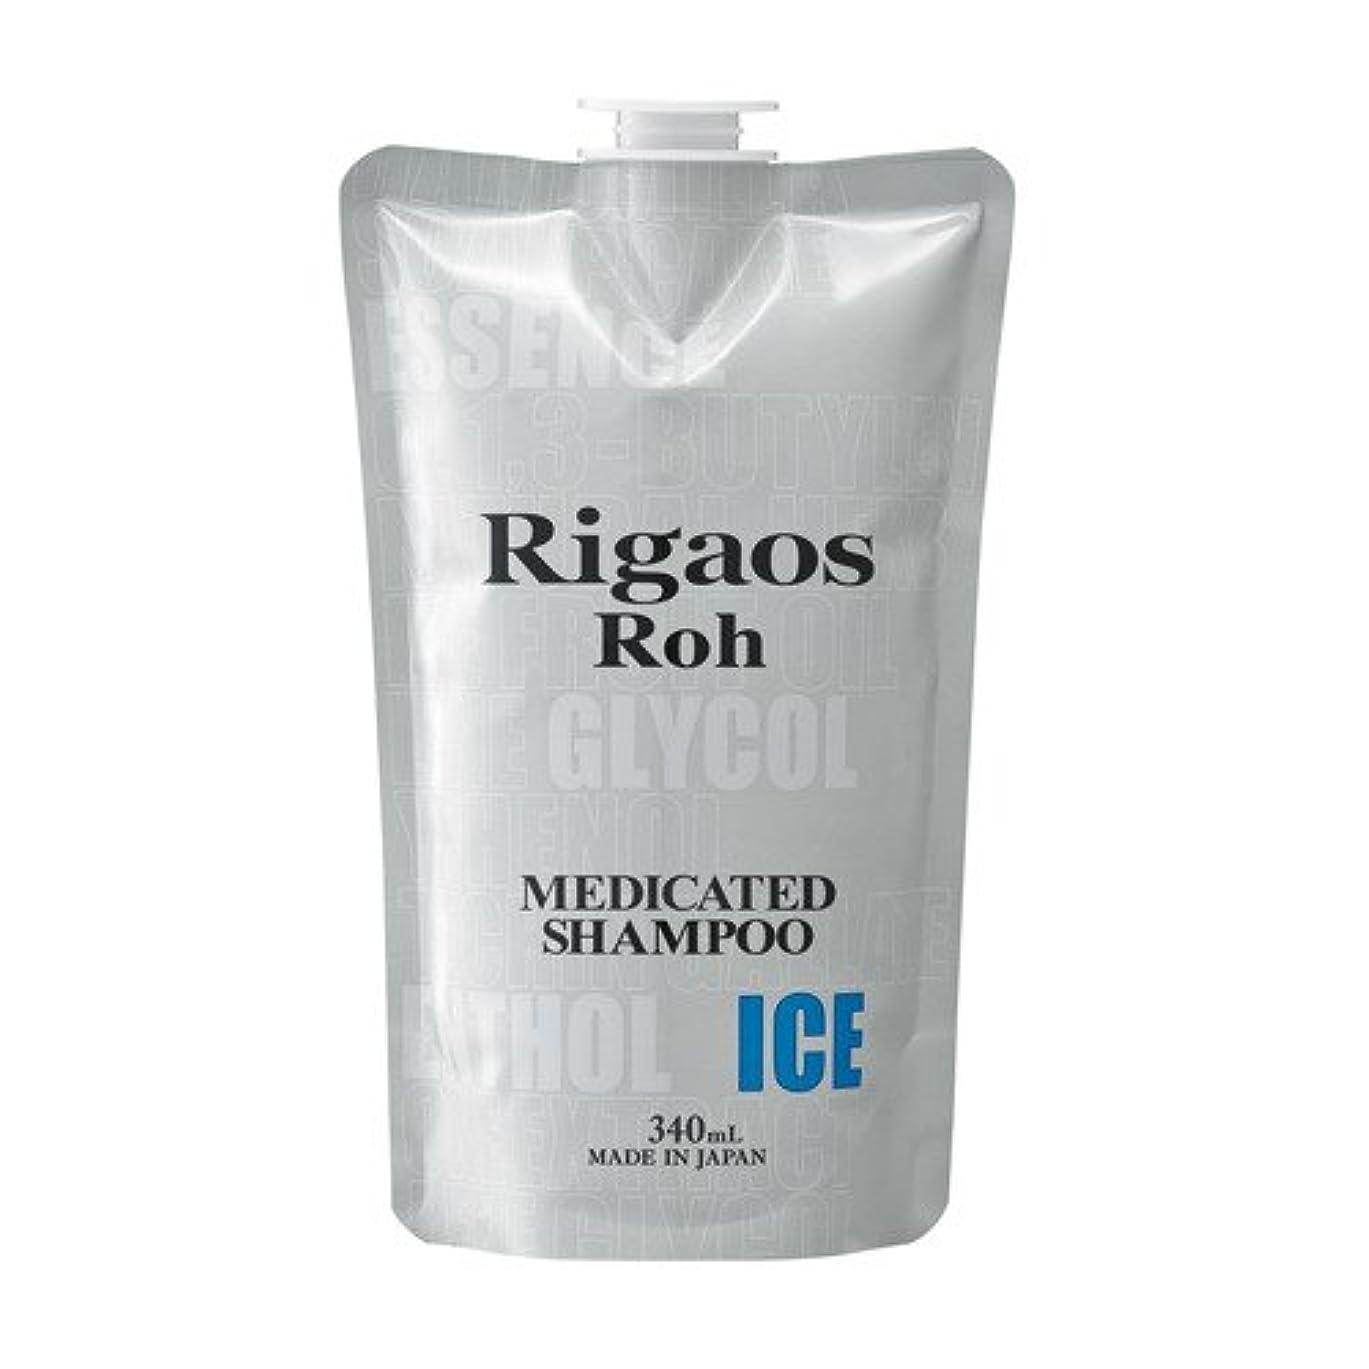 オゾンぞっとするような気分が良いリガオス ロー 薬用スカルプケア シャンプー ICE レフィル (340mL) [医薬部外品]